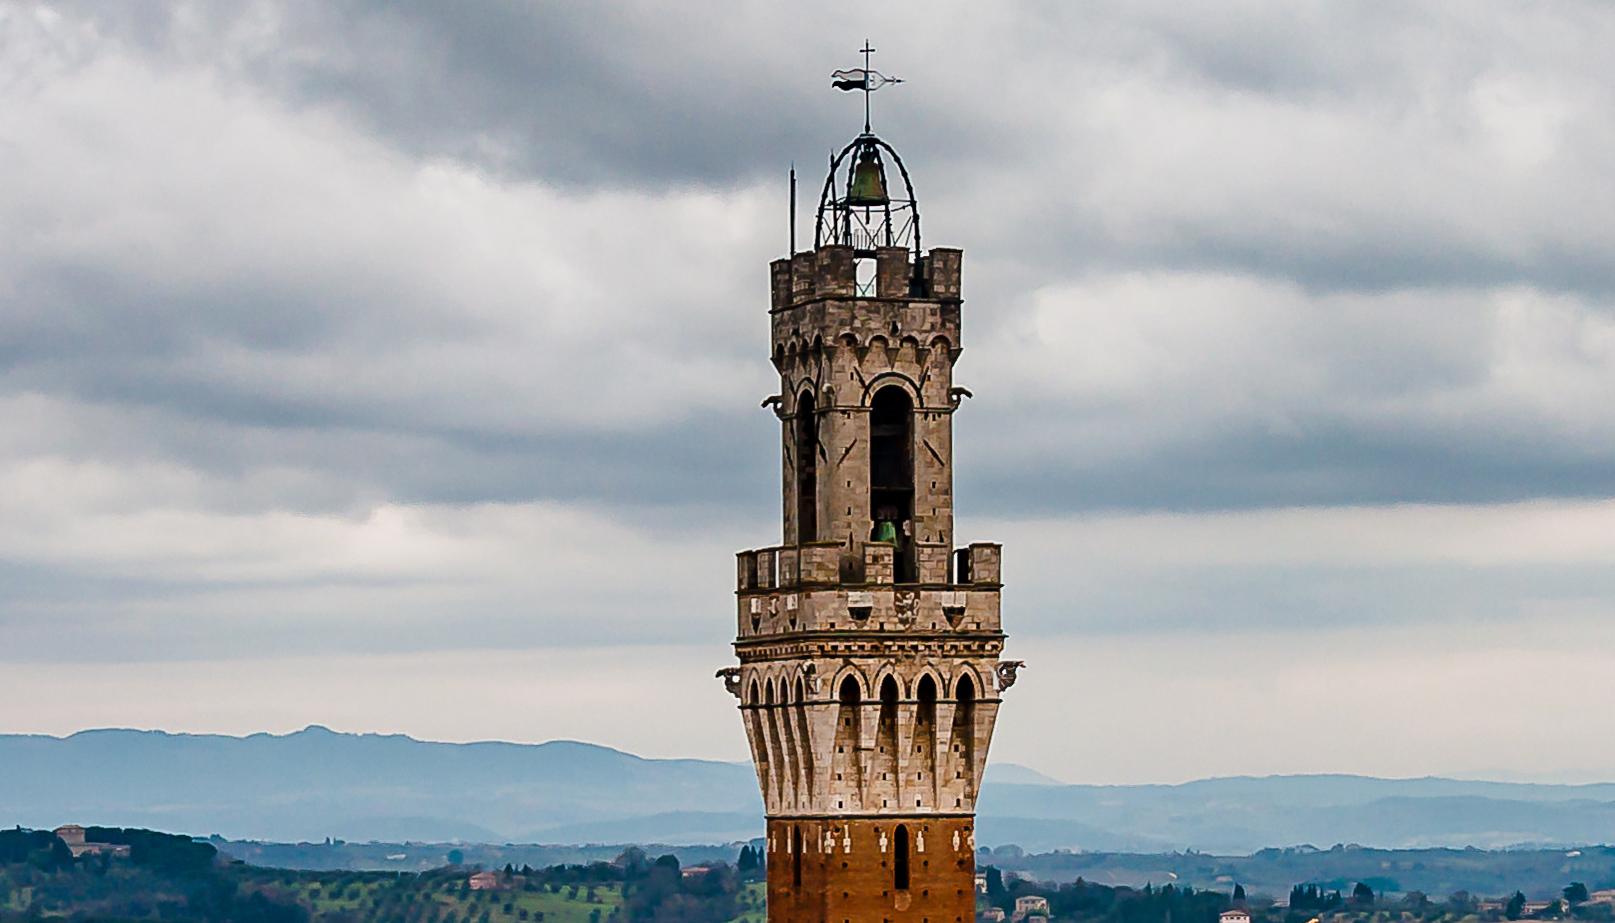 La Campana della Torre del Mangia a Siena